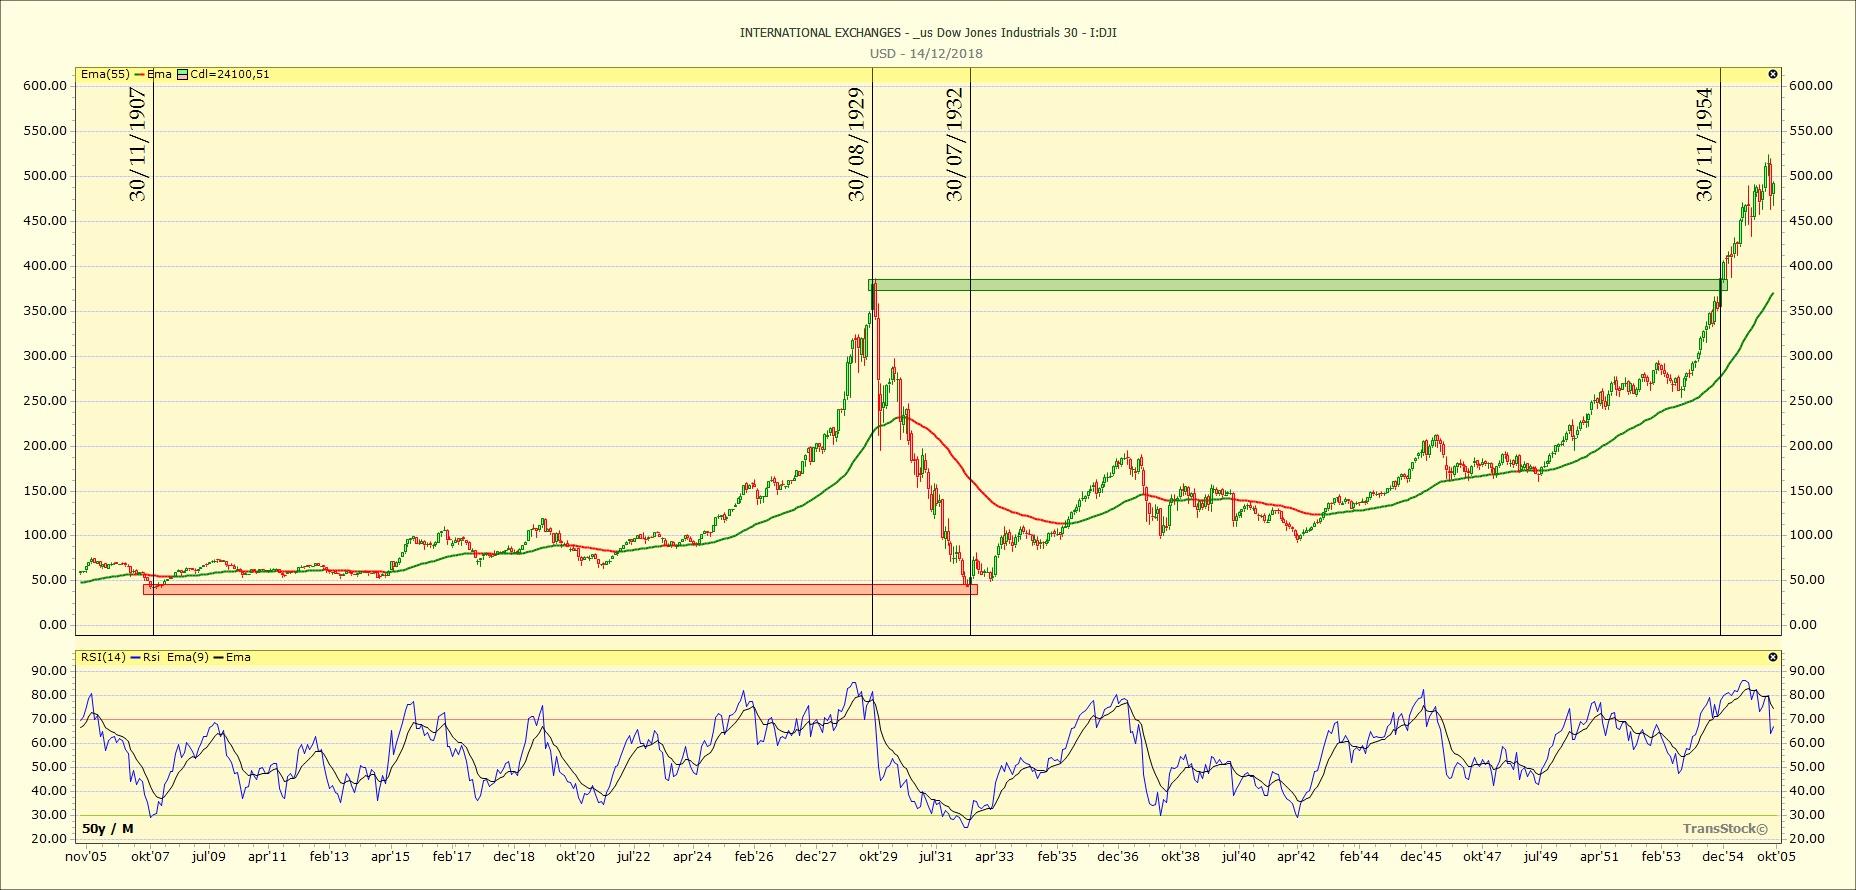 Dow Jones Industrials 1929